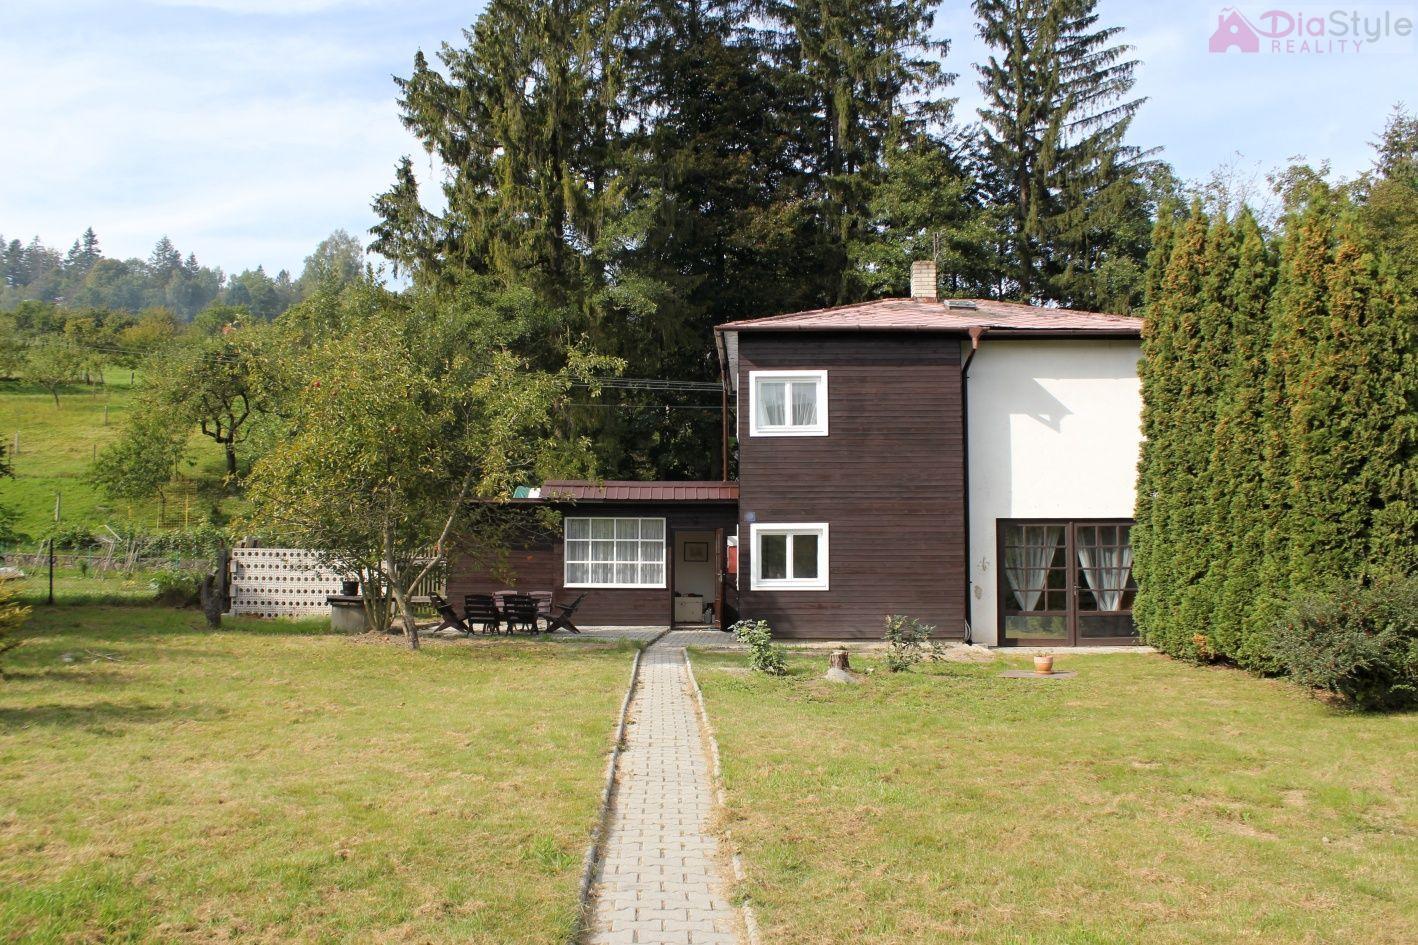 Prodej domu se stavebním pozemkem Rajnochovice